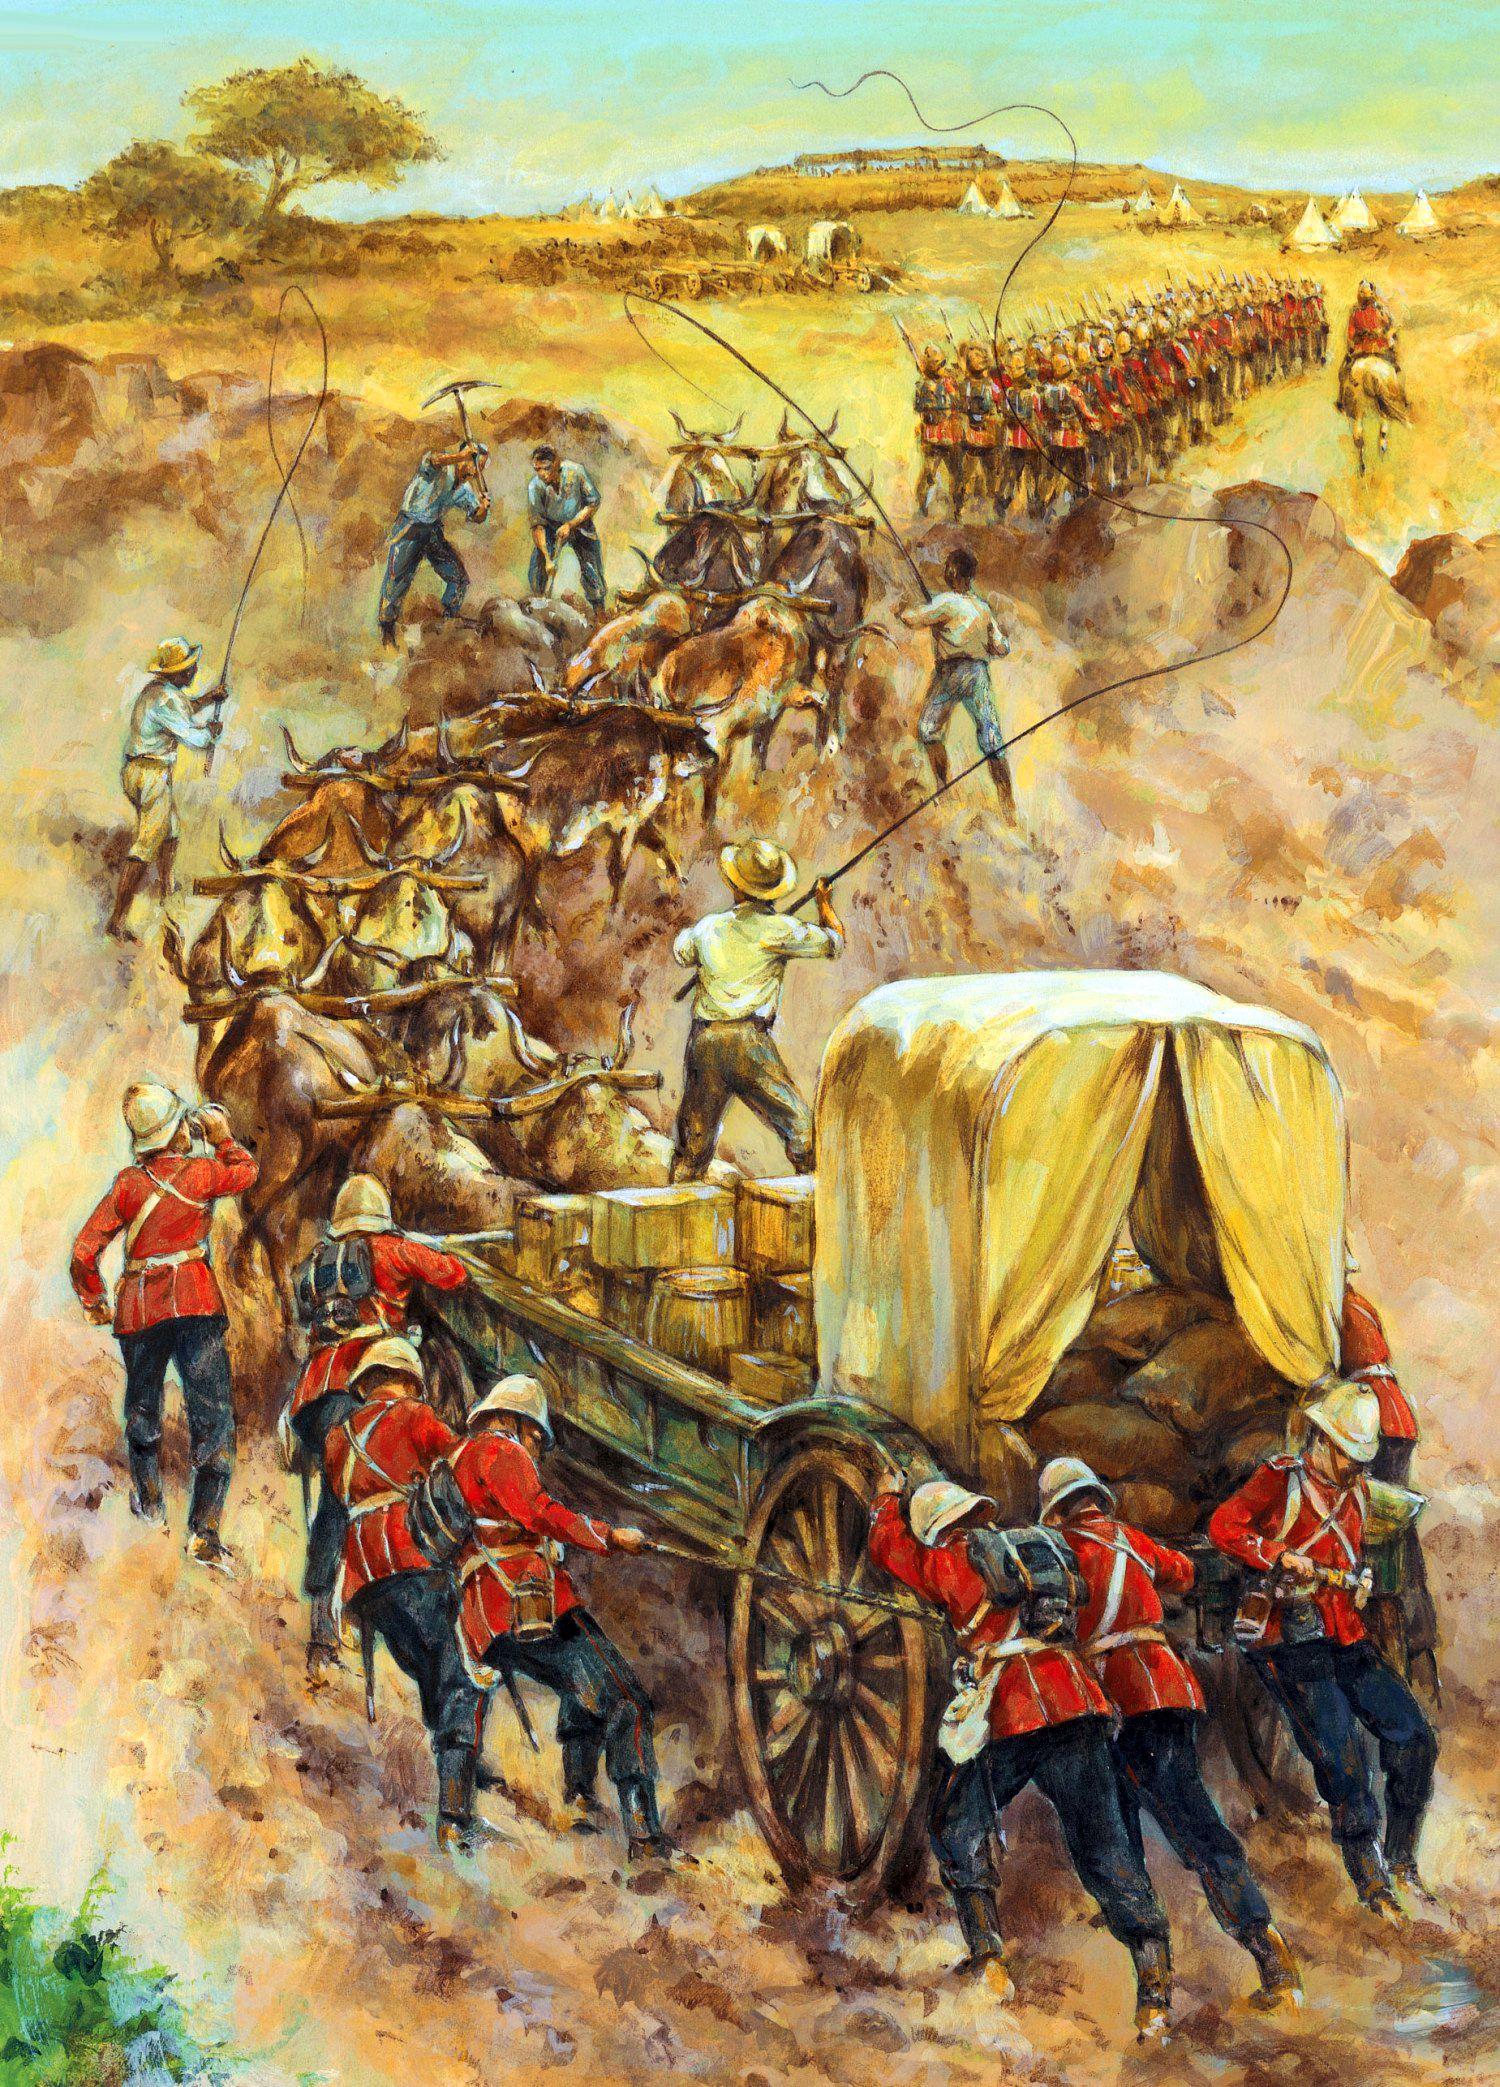 Afghan et portugaise - 3 part 2